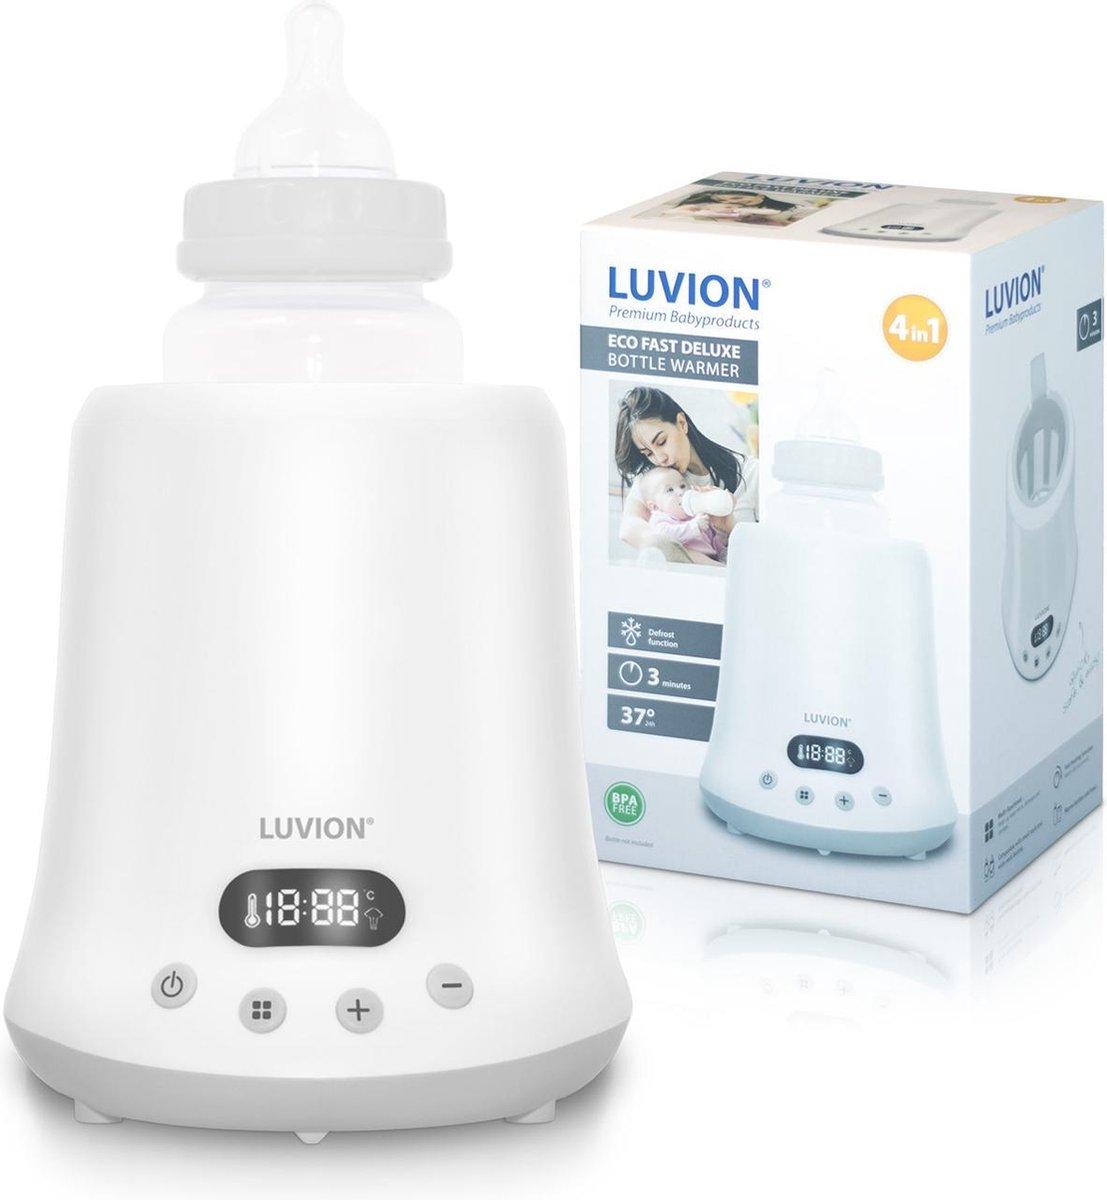 Luvion Eco Fast Deluxe 4 in 1 Flessenwarmer - Verwarmt zeer snel - Steriliseren met stoomkap - Warmh